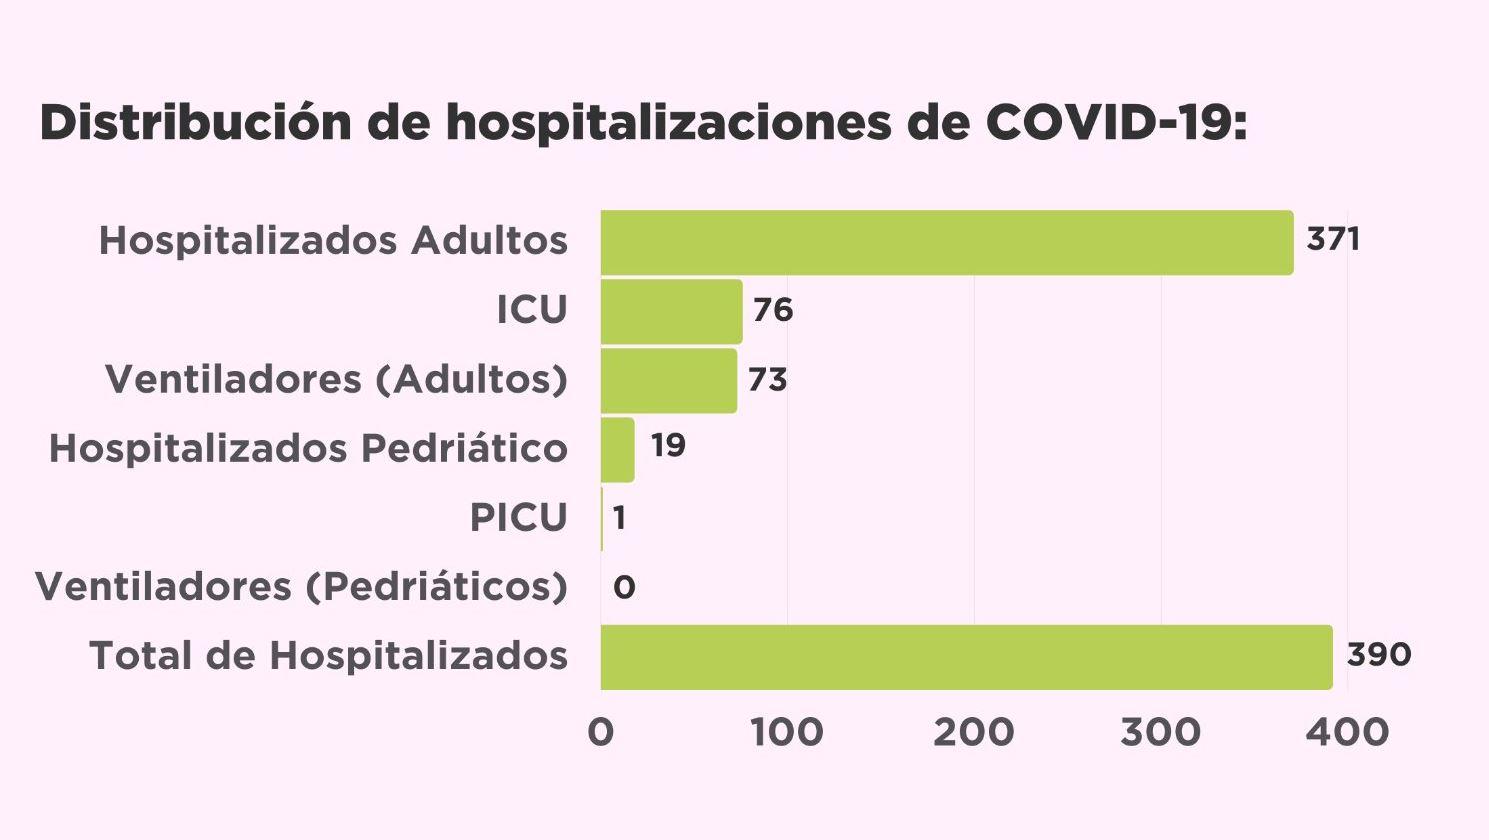 hospitalizados332